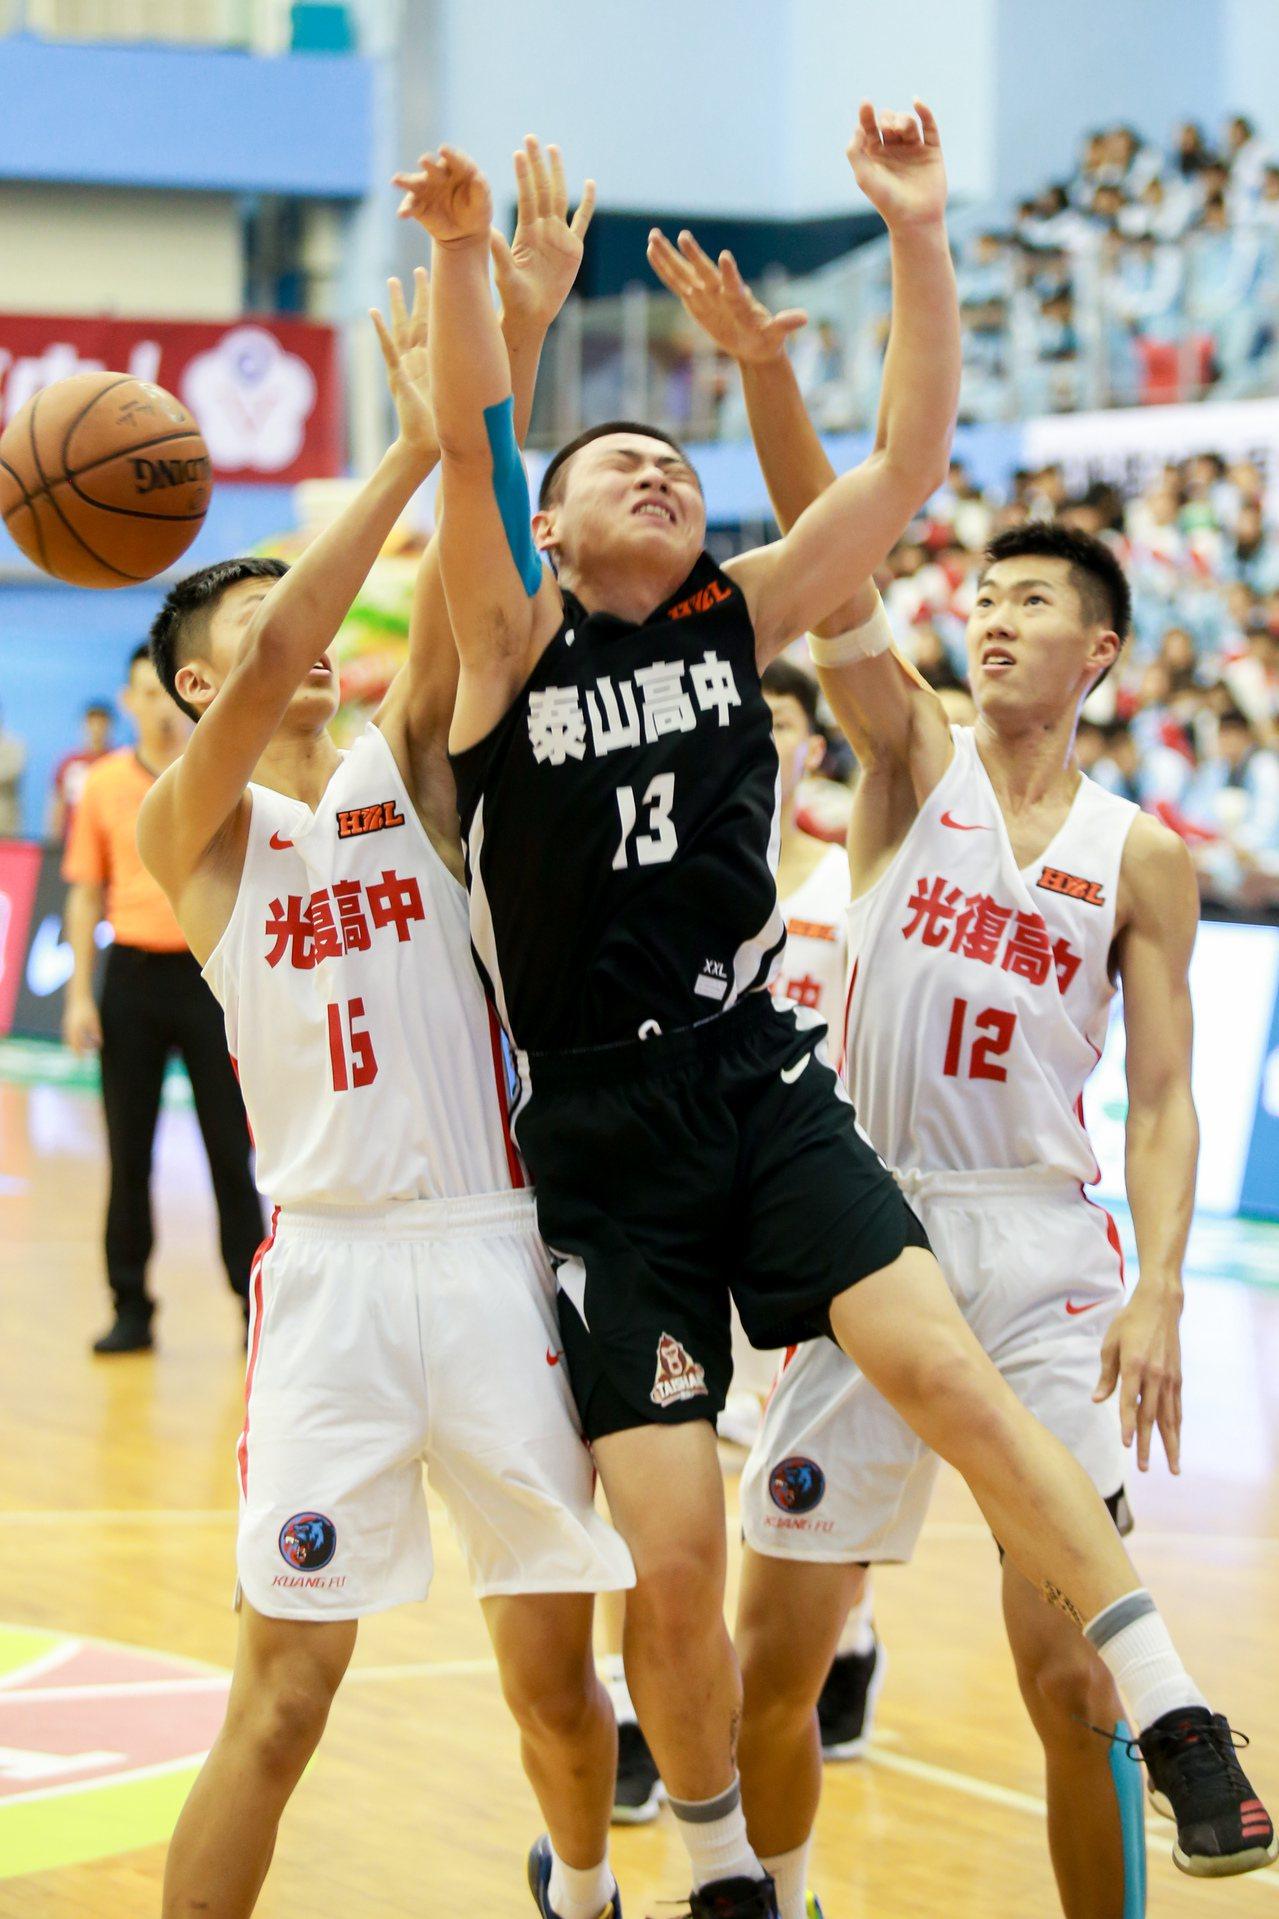 泰山劉丞勳在光復包夾中掉球。記者林伯東/攝影